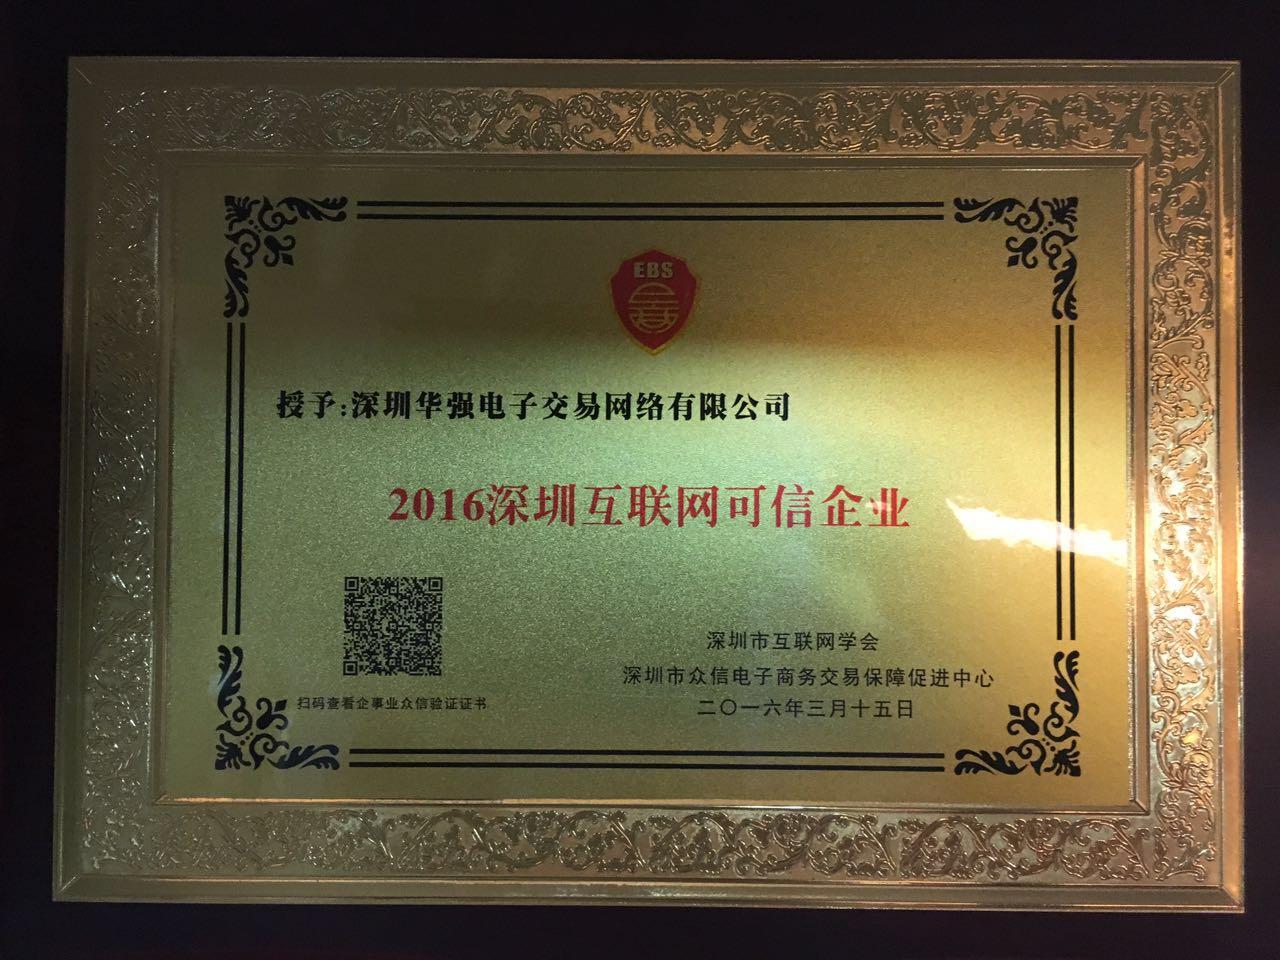 2016年深圳互联网可信企业